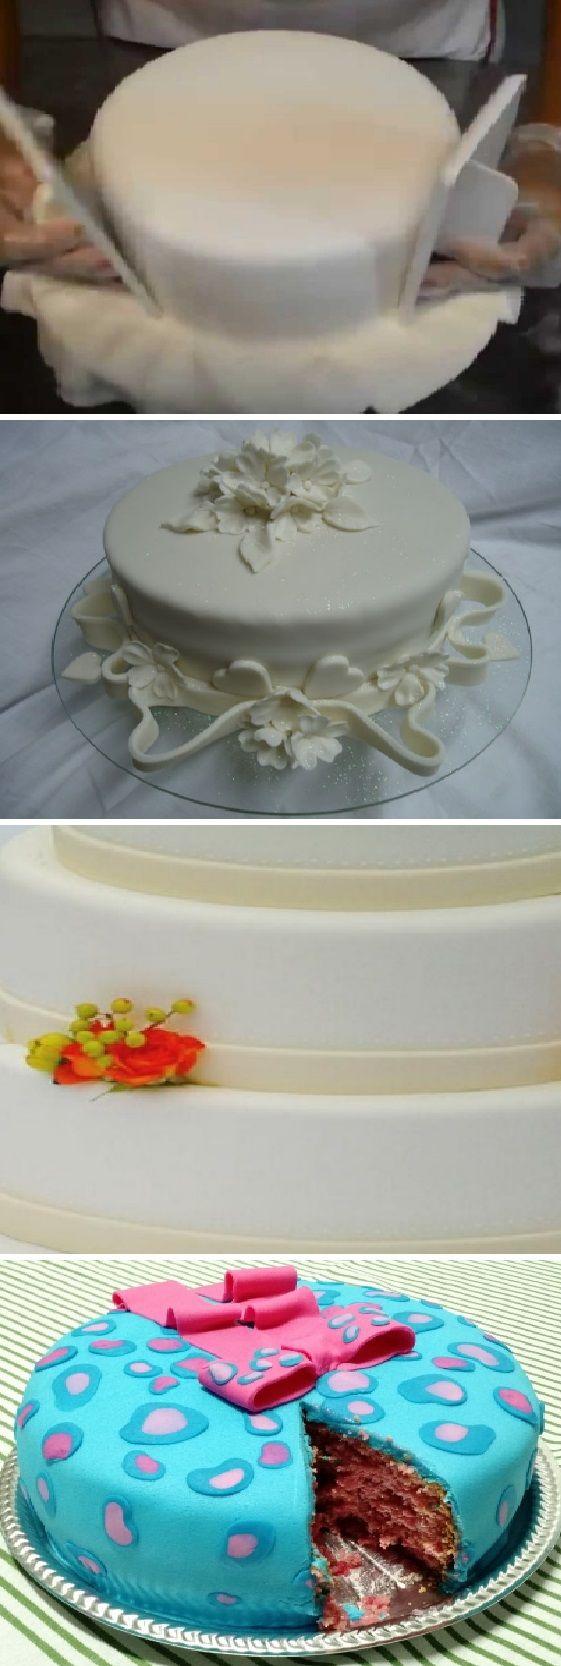 Receta de fondant paso a paso y sus aplicaciones.  #fondant #fondantcake #cakes #bodas #tips #comohacer #receta #recipe #casero #torta #tartas #pastel #nestlecocina #bizcocho #bizcochuelo #tasty #cocina #chocolate #pan #panes   Para elaborar el fondant se necesita una espátula bien ancha que se consigue en l...